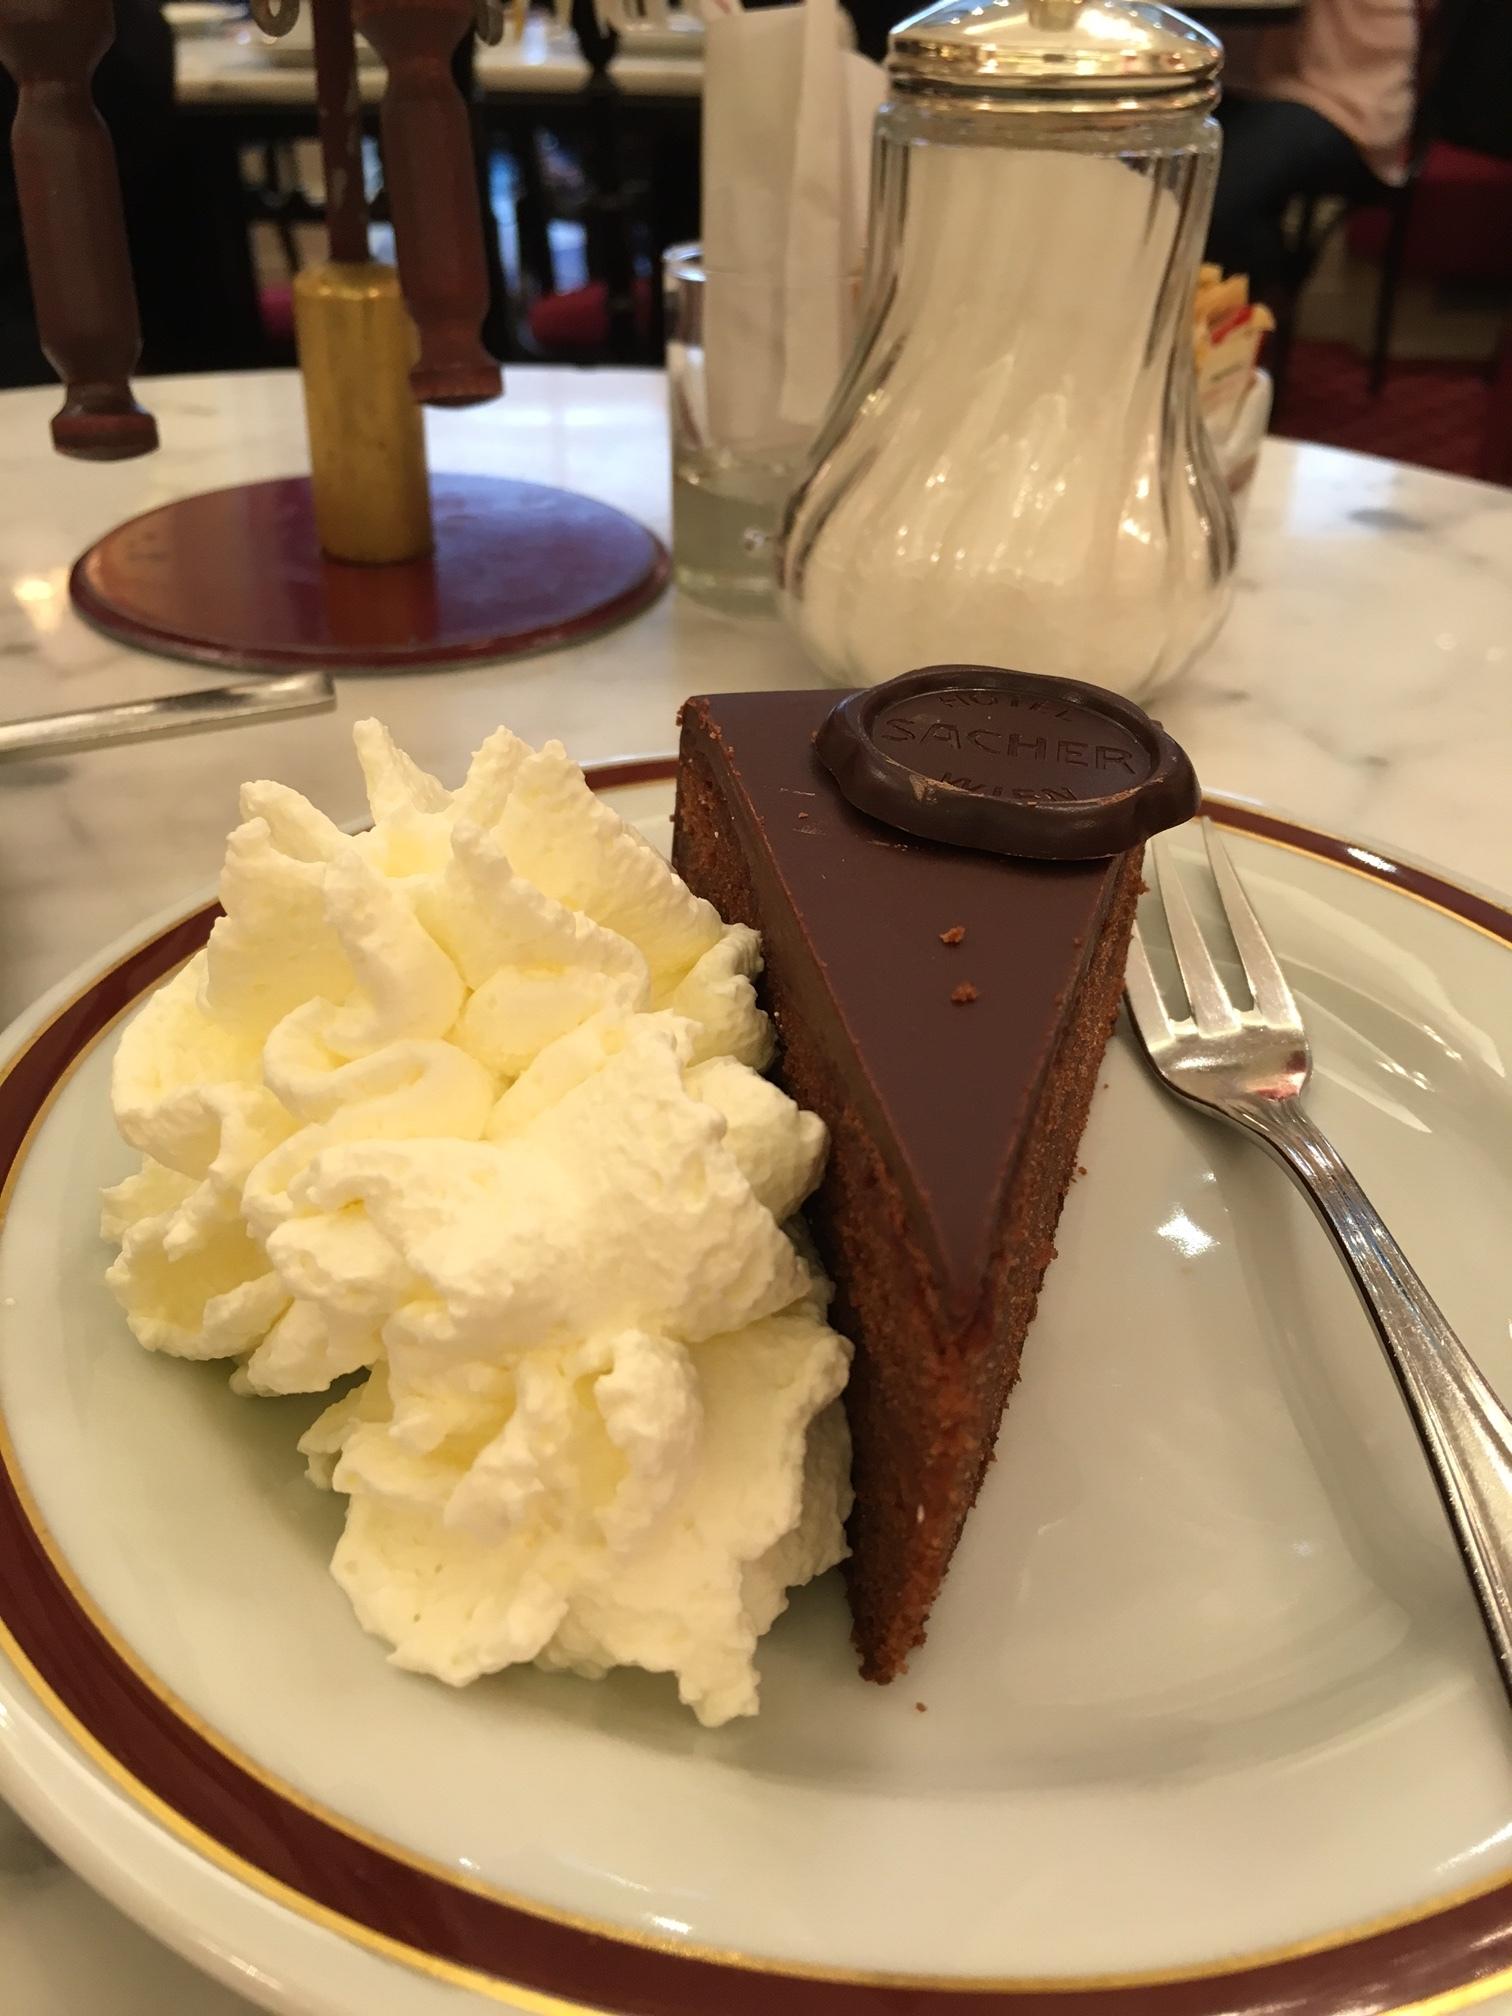 My favorite cake in the world - Original Sacher-Torte in Vienna!